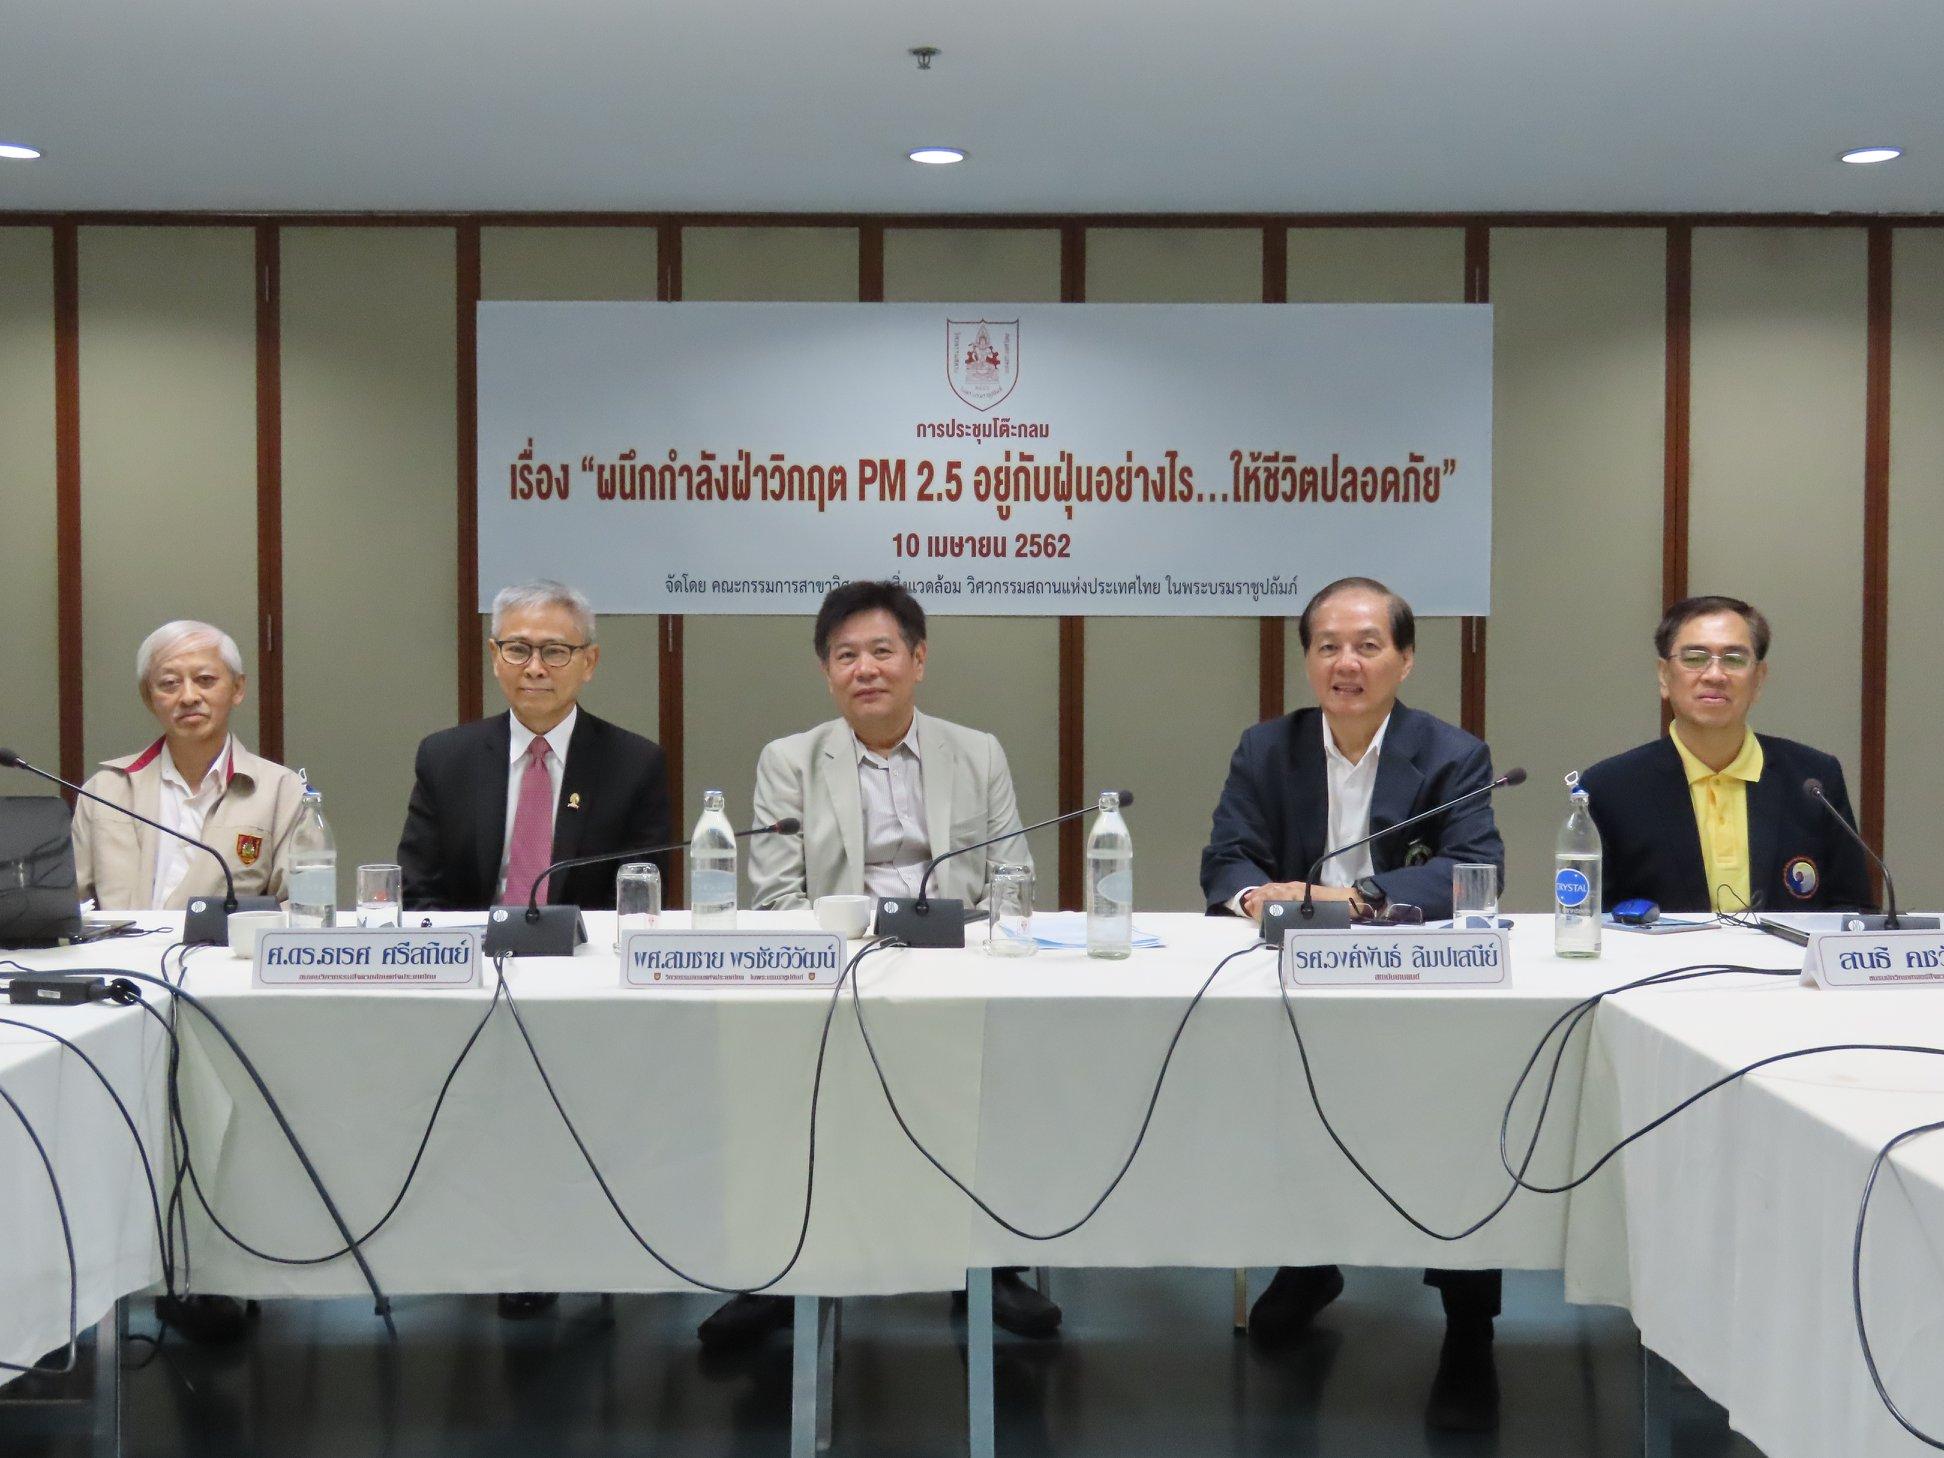 """คณะกรรมการสาขาวิศวกรรมสิ่งแวดล้อม วิศวกรรมสถานแห่งประเทศไทยฯ จัดการเสวนาเรื่อง """"ผนึกกำลังฝ่าวิกฤต PM 2.5 อยู่กับฝุ่นอย่างไรให้ชีวิตปลอดภัย"""""""